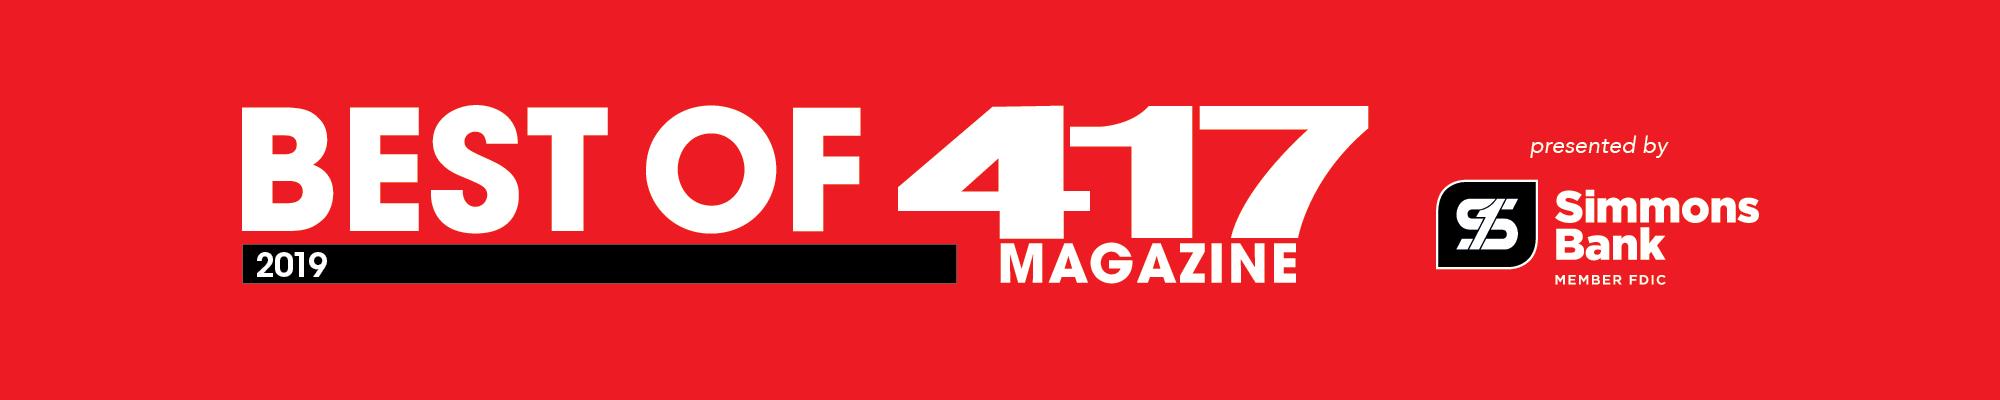 Best of 417 2019